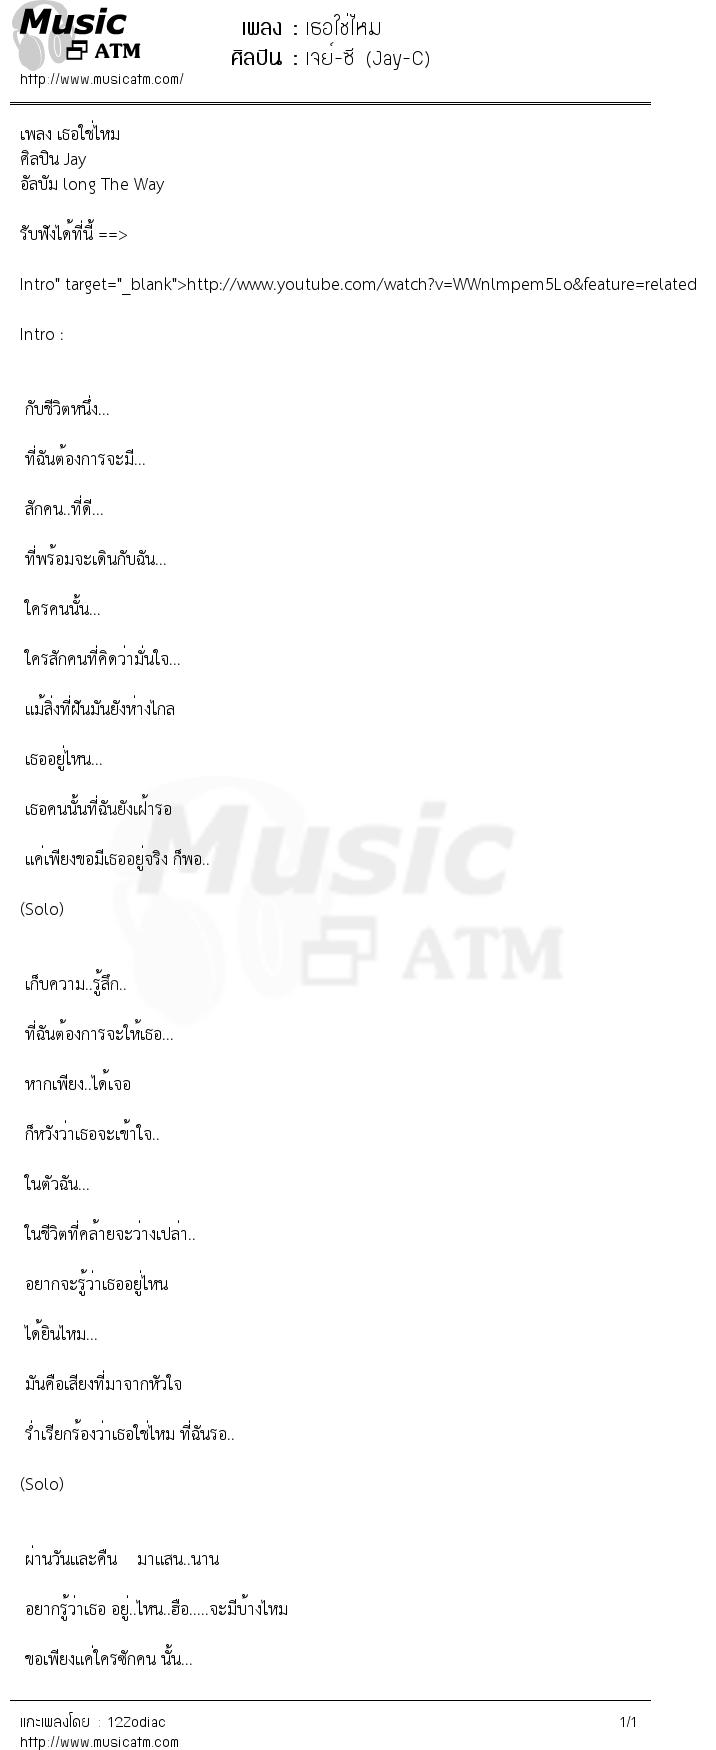 เนื้อเพลง เธอใช่ไหม - เจย์-ซี (Jay-C) | เพลงไทย